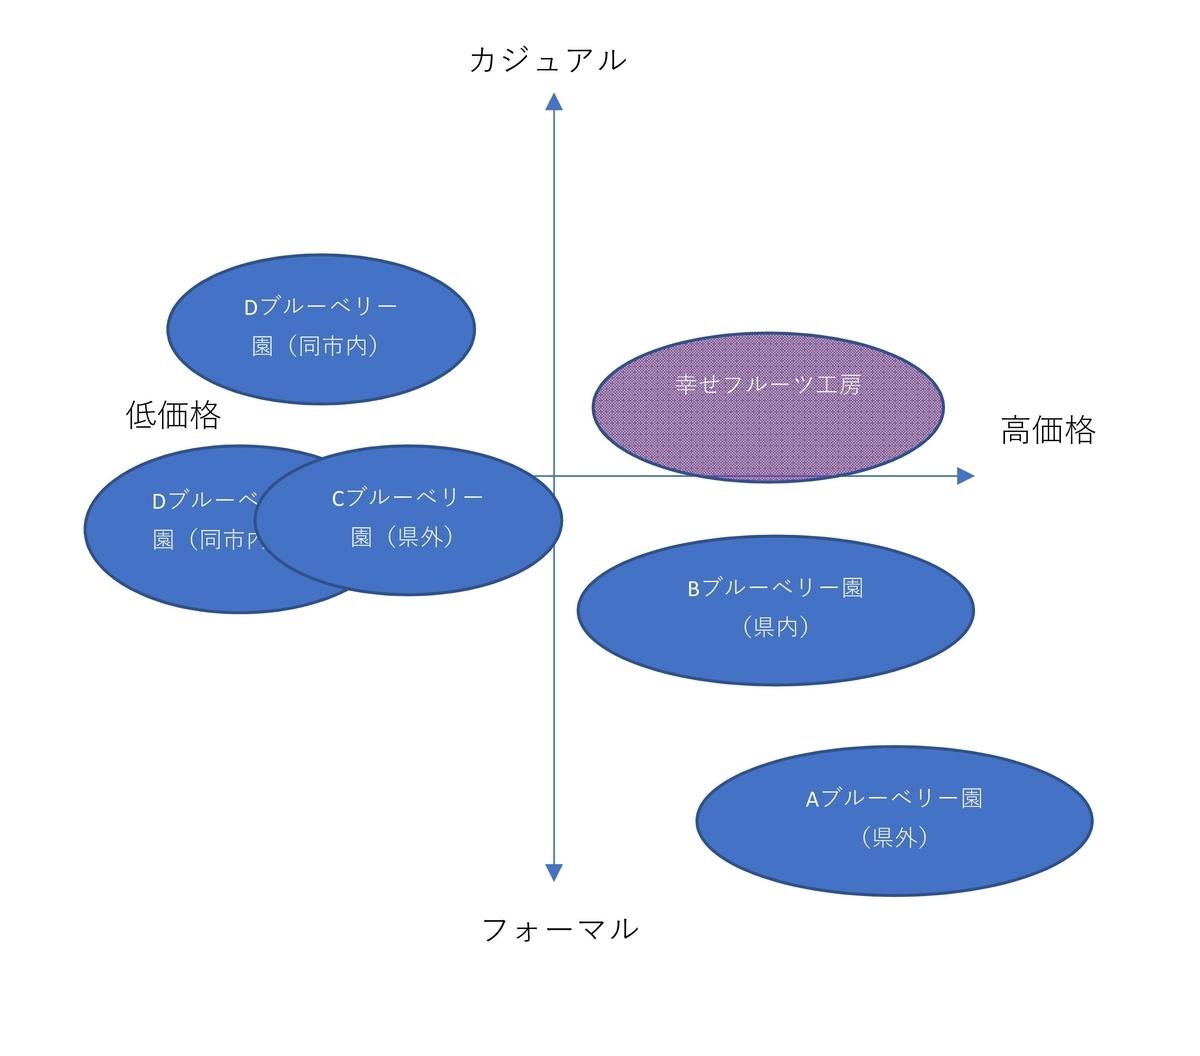 ポジショニングマップの画像